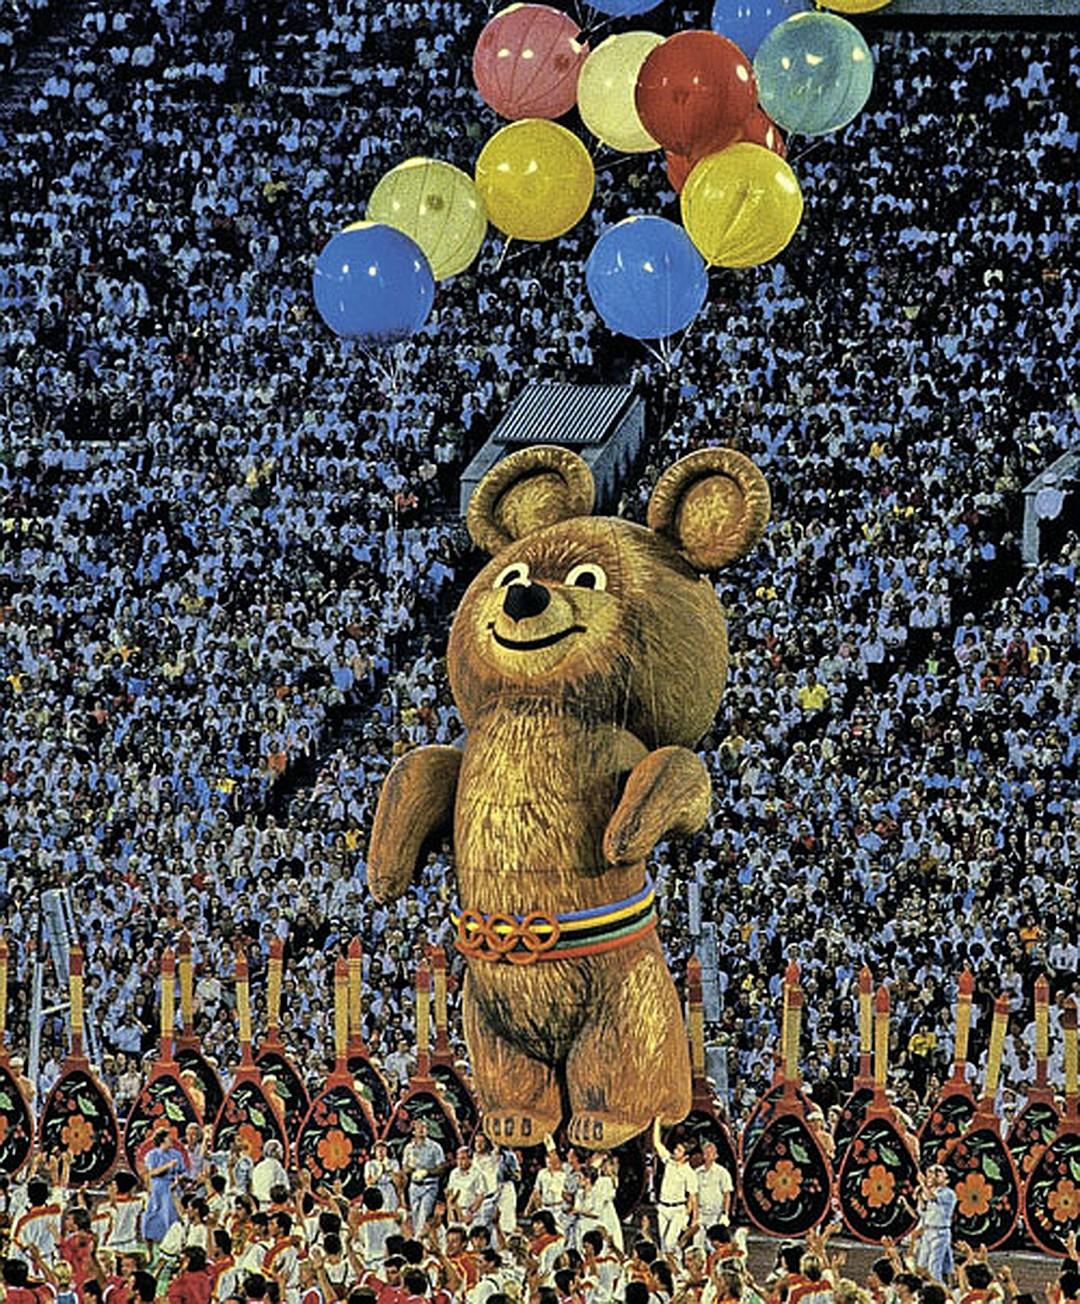 звезды олимпийский мишка картинки фото всего, этом